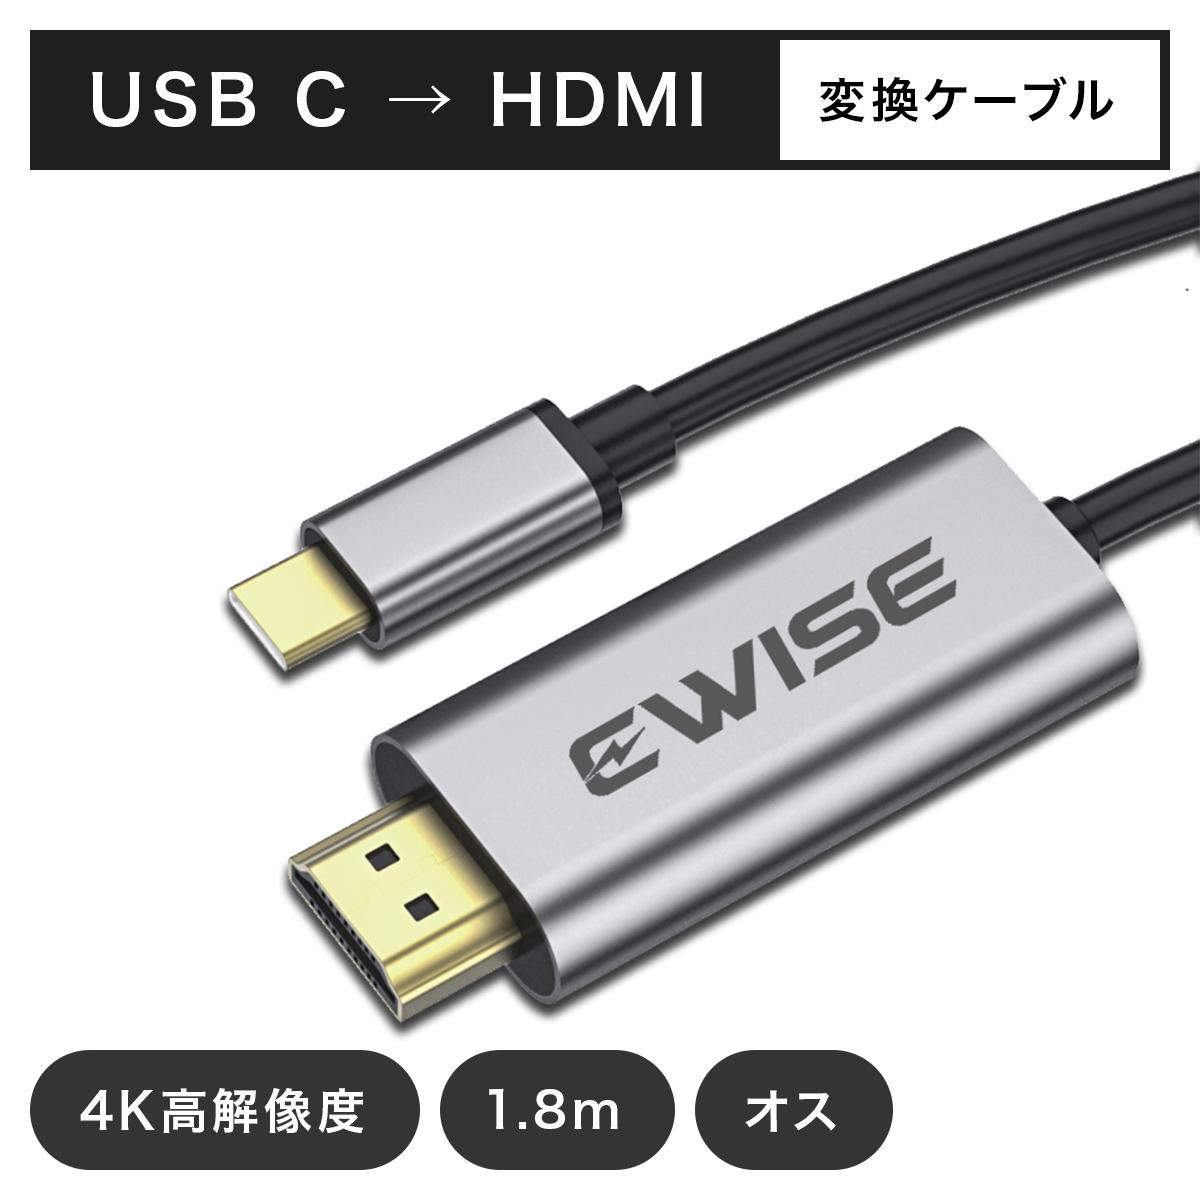 メール便送料無料 type c 新色 アダプターケーブル macbook pro air iMac Chromebook Pixel Galaxy 対応 スーパーSALE期間中30%OFF更にP20倍 2020 4K30hz高解像度 HDMI変換ケーブル Ewise HDMIケーブル ケーブル スマホ 変換アダプター アダプター 変換 アダプタ タイプc Type-C iMa 変換ケーブル オス HDMI to 1.8m USB typec